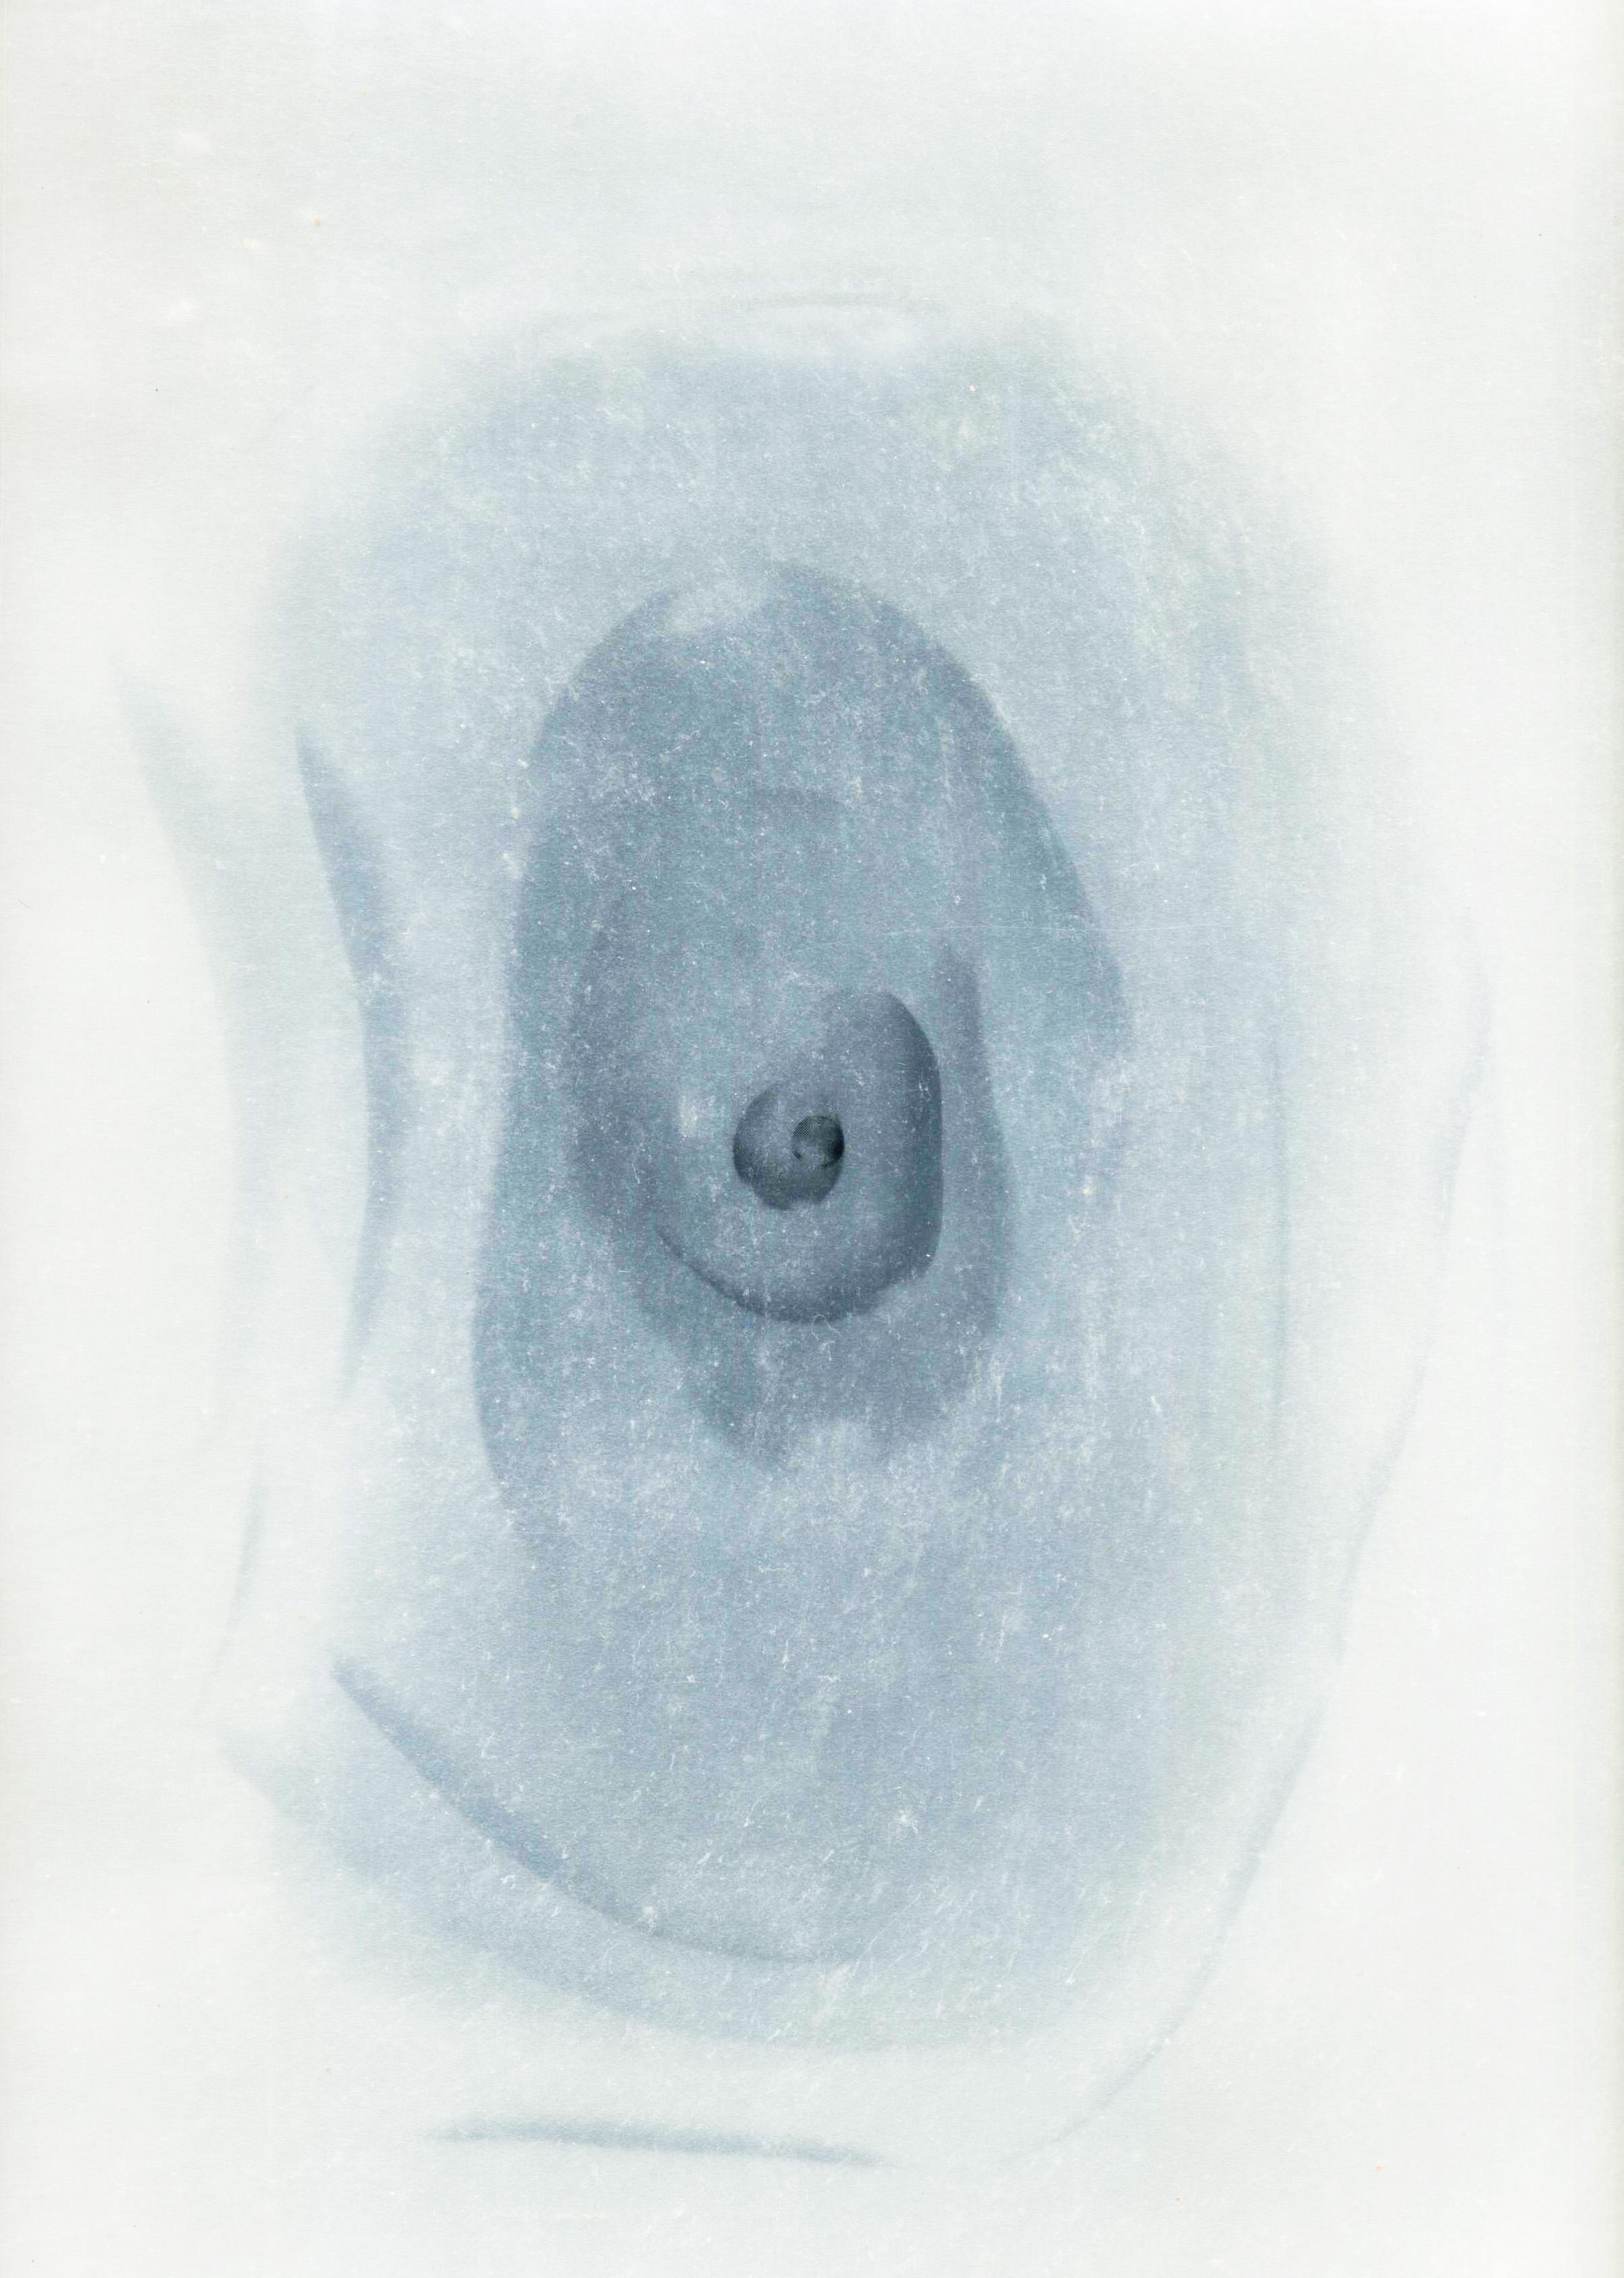 Анна Сидоренко. Проєкт Сonvert, 1996